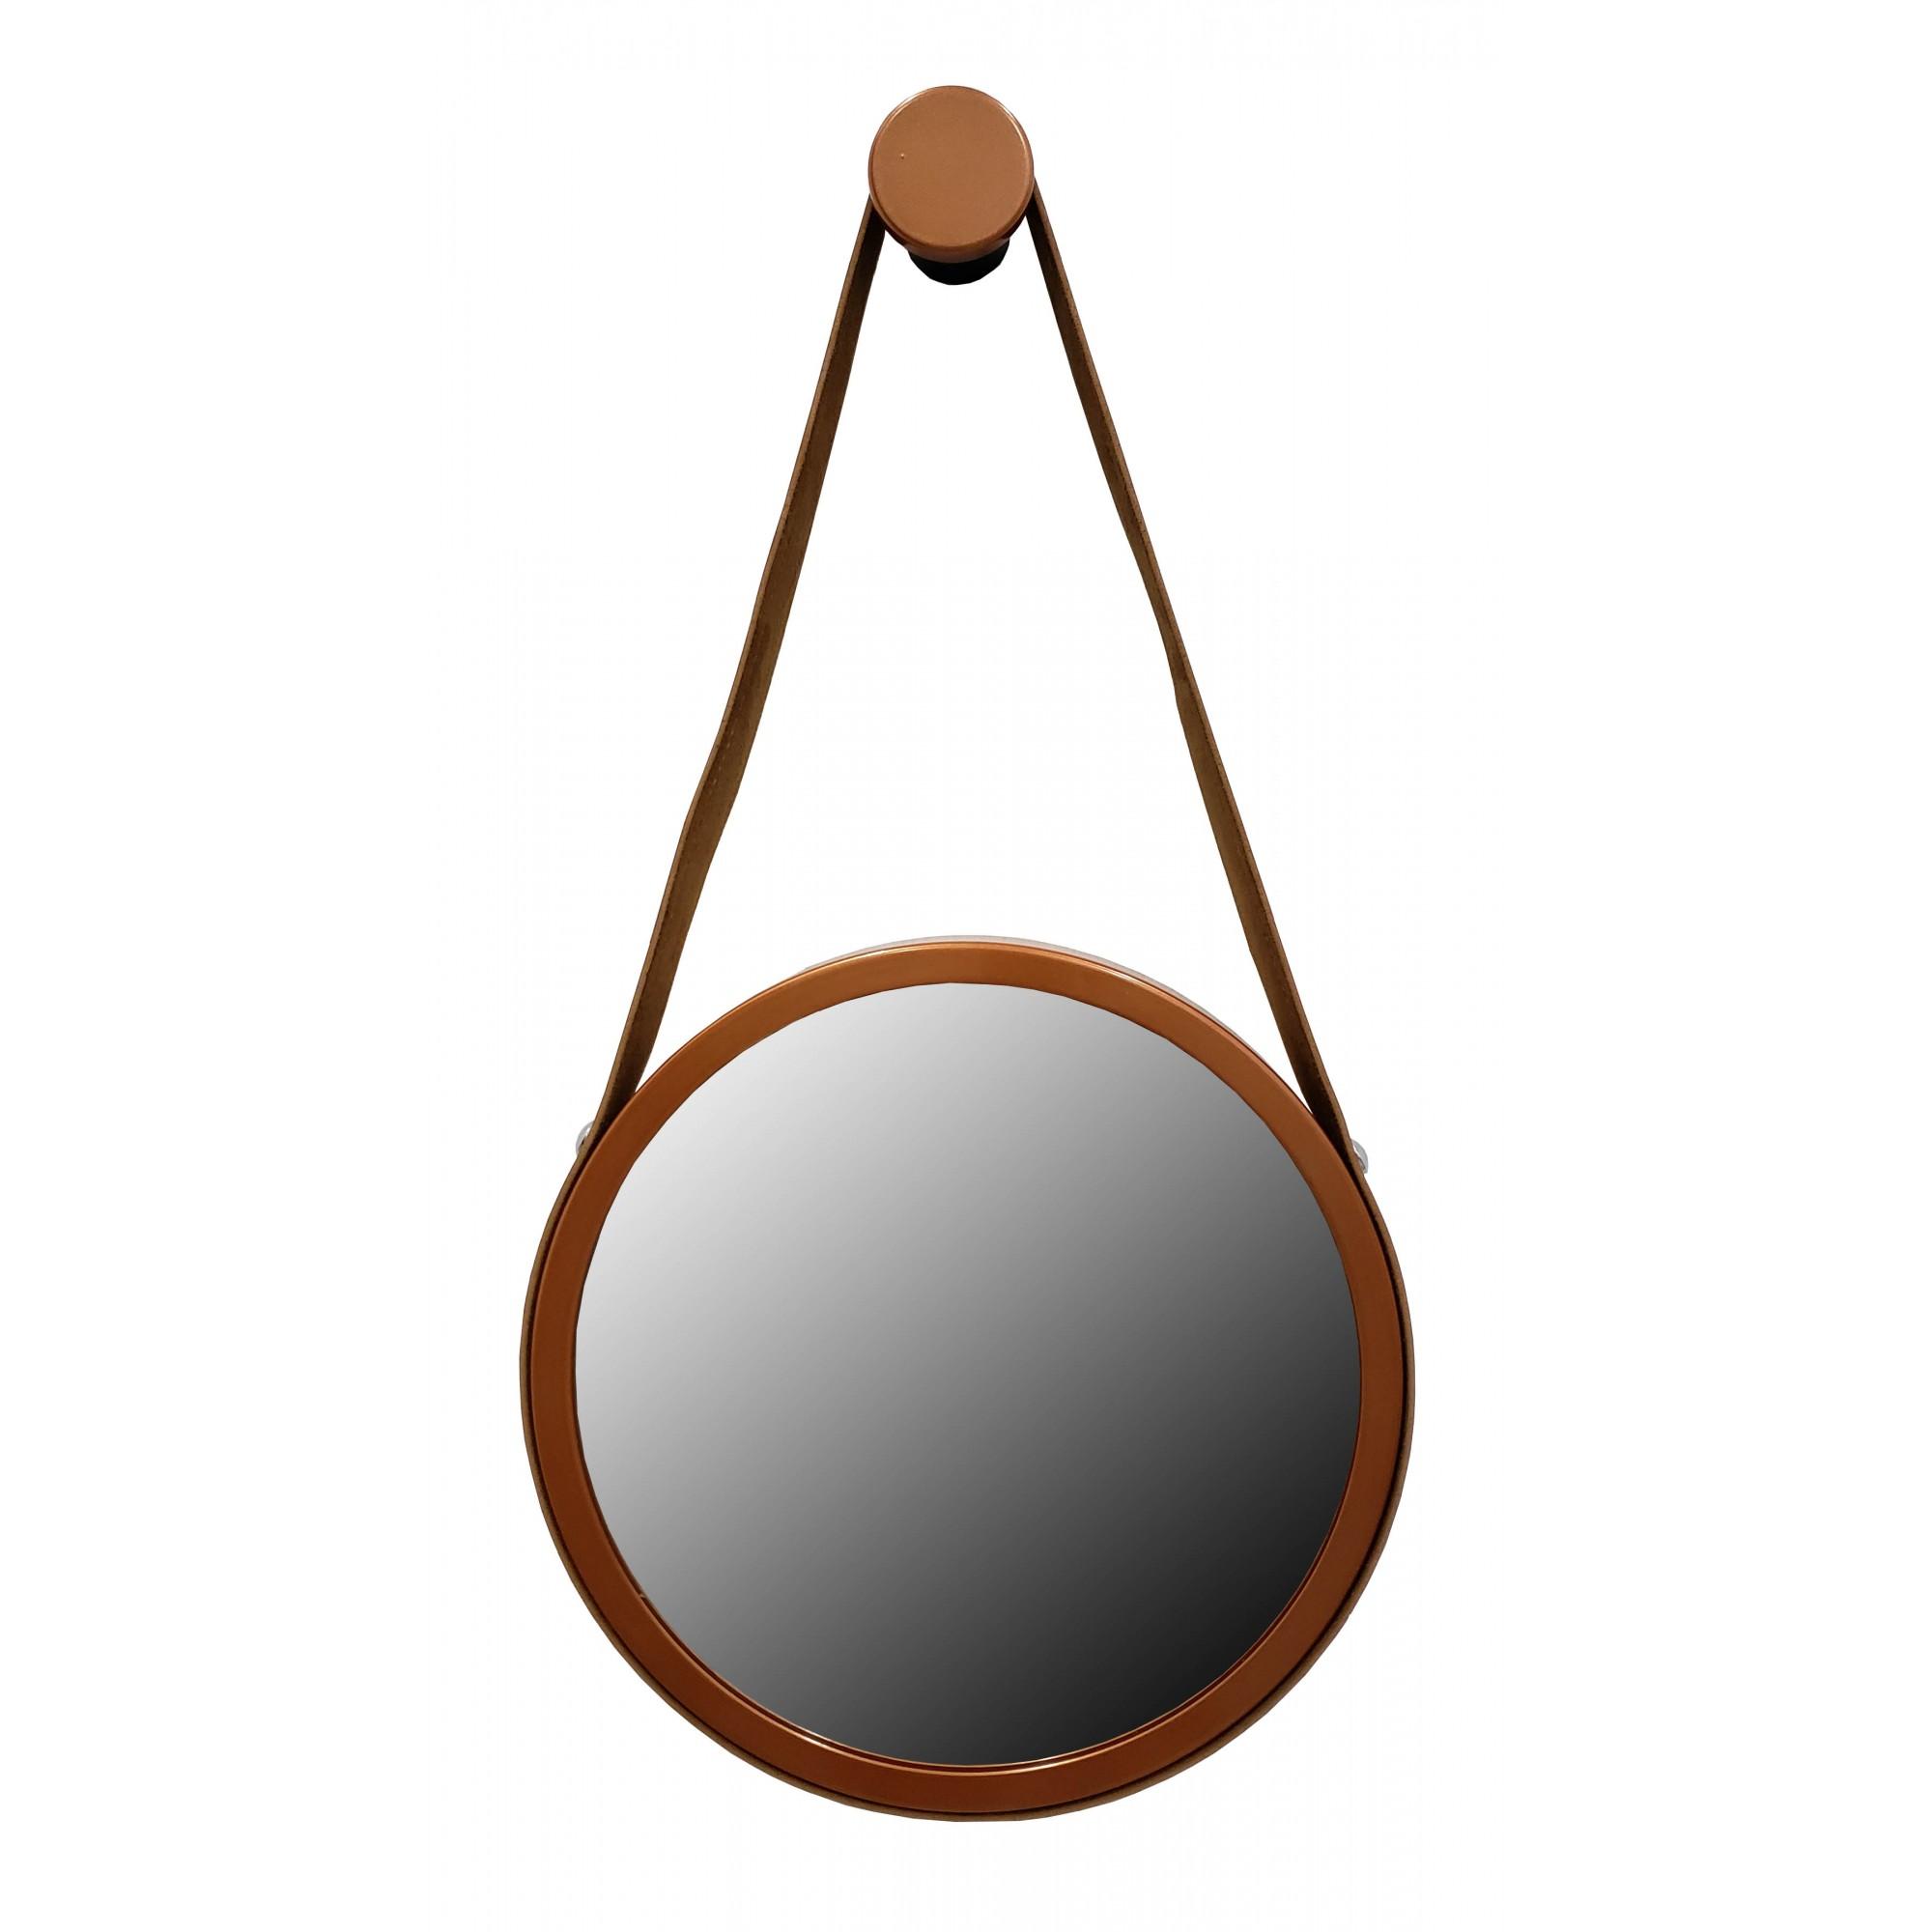 Espelho Adnet Premium Cobre Com Alça De Couro Marrom 50cm